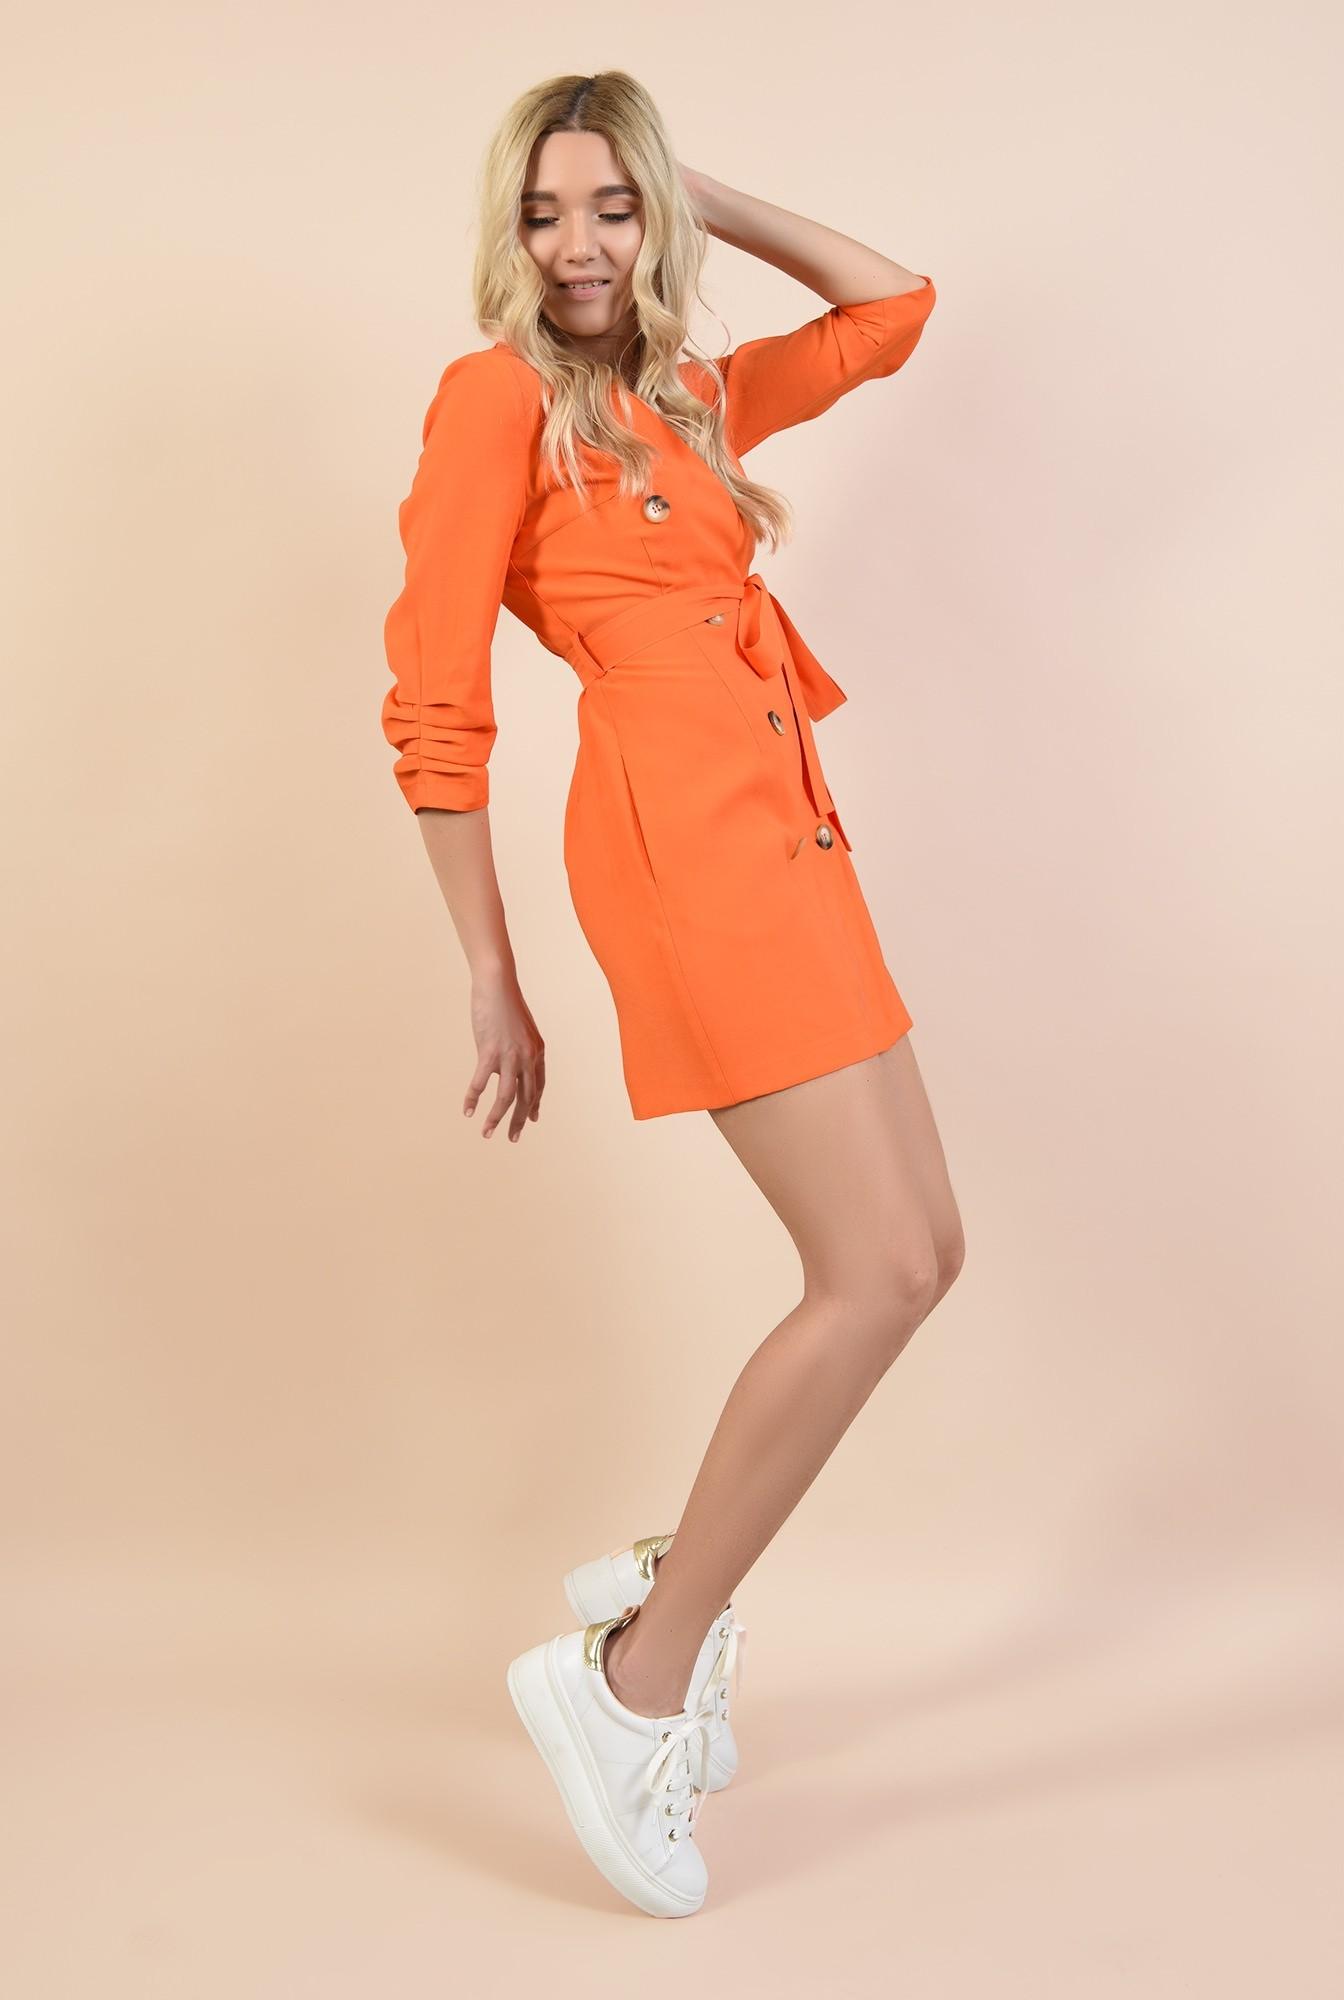 360 - rochie orange, casual, scurta, cu buzunare, fronseuri la maneci, cu nasturi